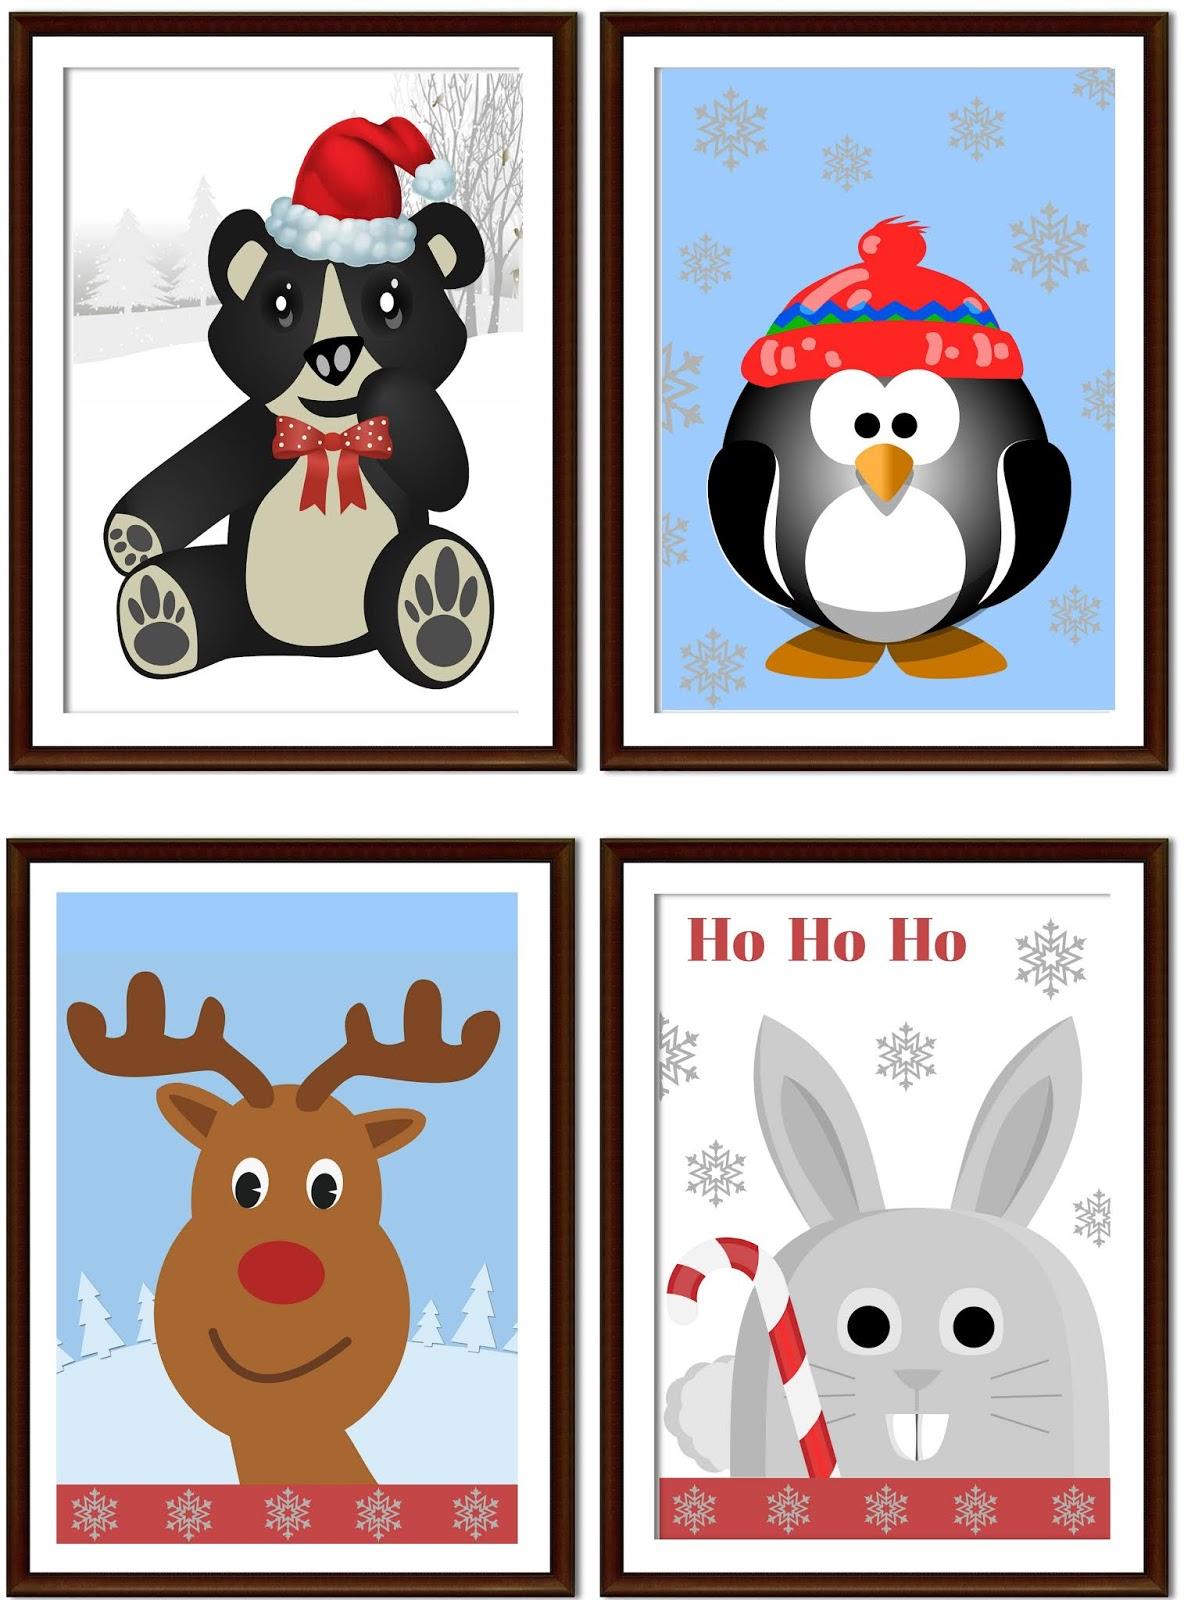 plakaty dla dzieci zima święta do druku